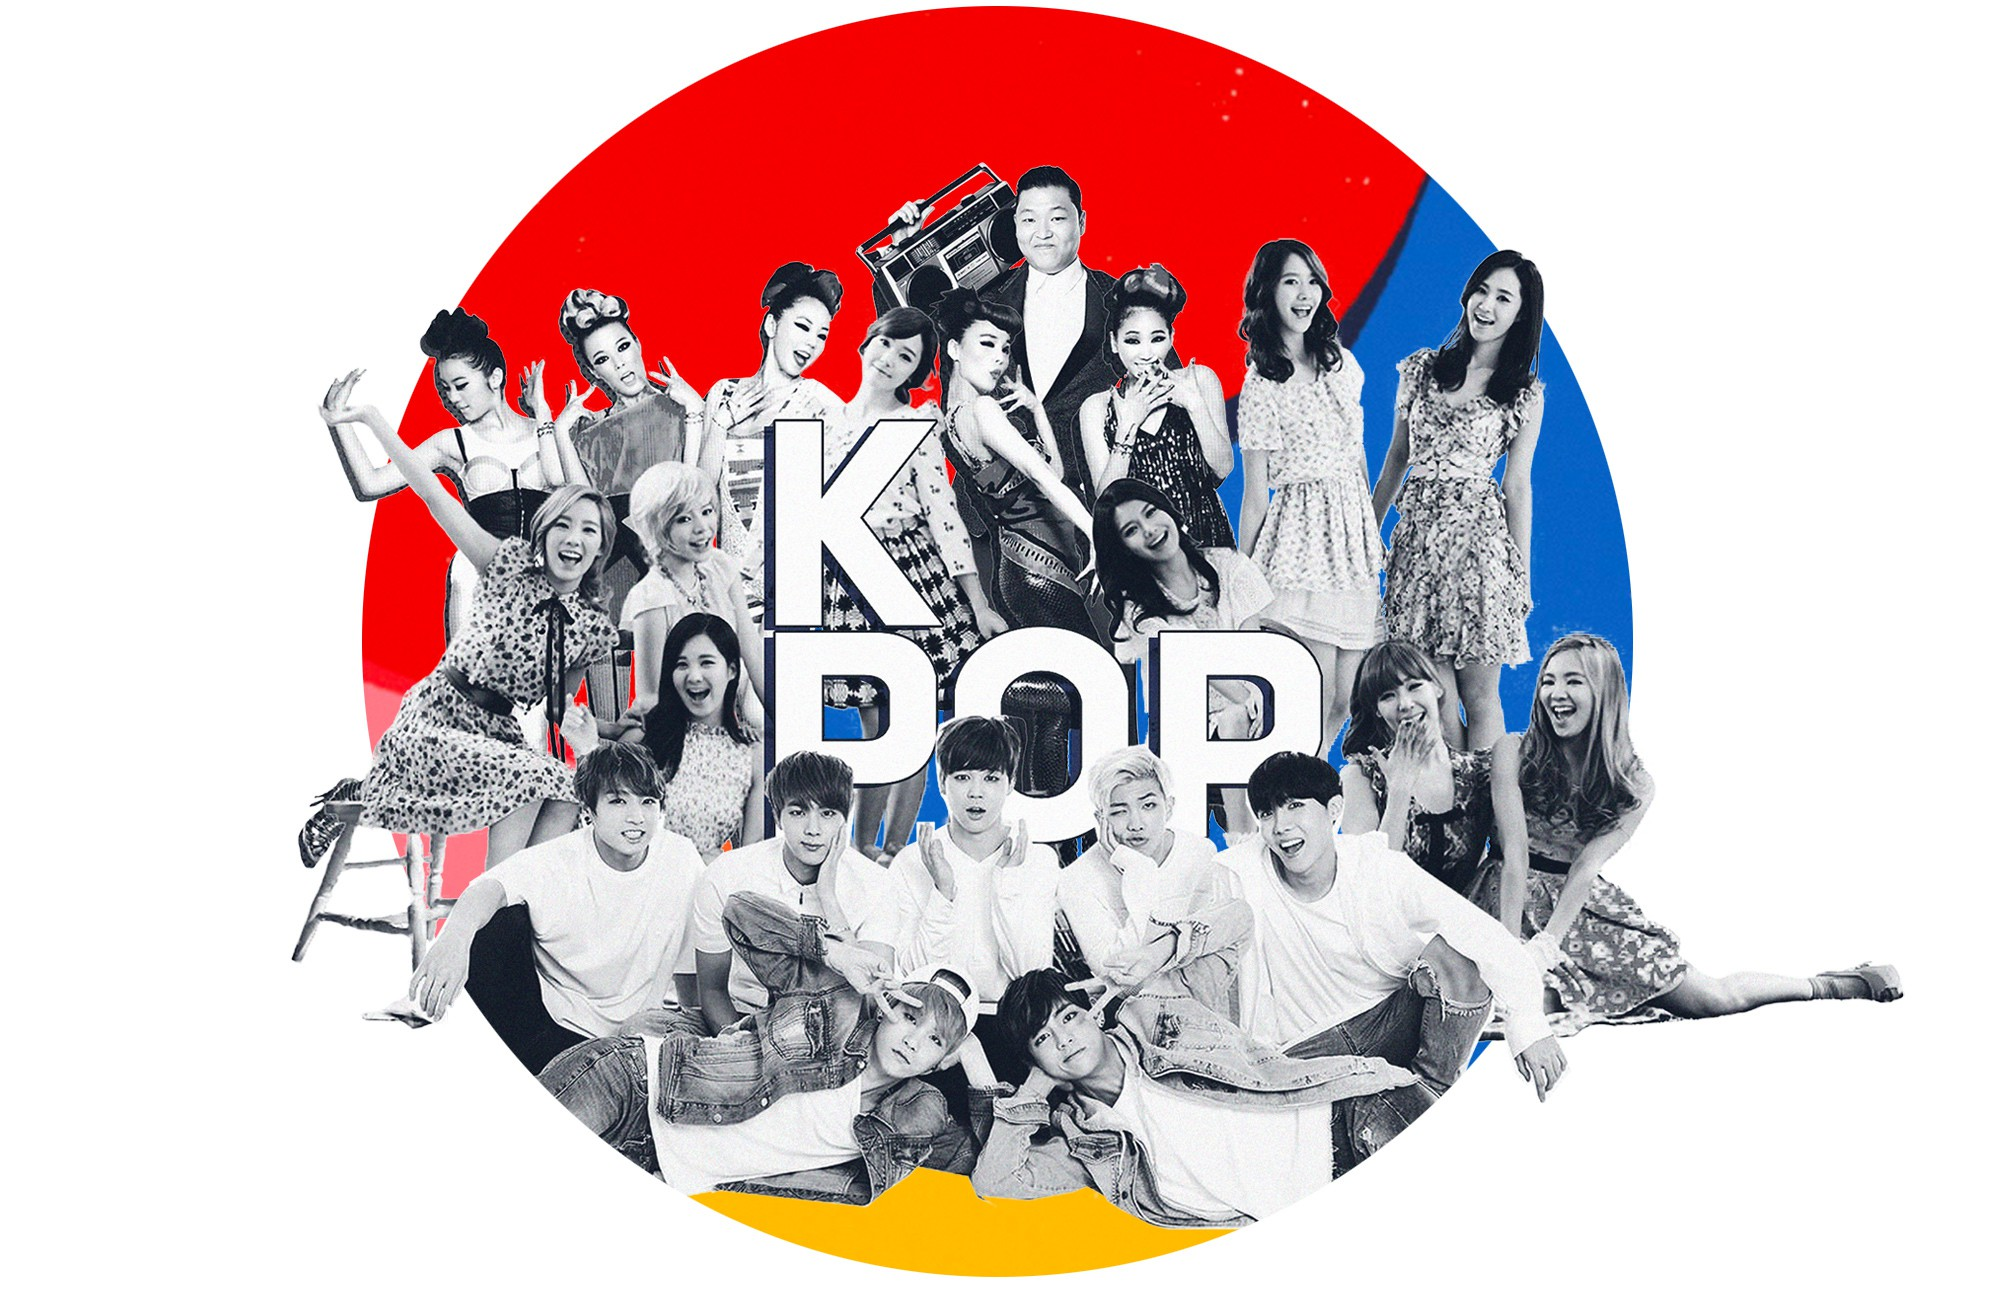 """Psy, BTS và câu chuyện về những người mở đường cho """"Giấc mơ Mỹ"""" của các nghệ sĩ Hàn - Ảnh 17."""